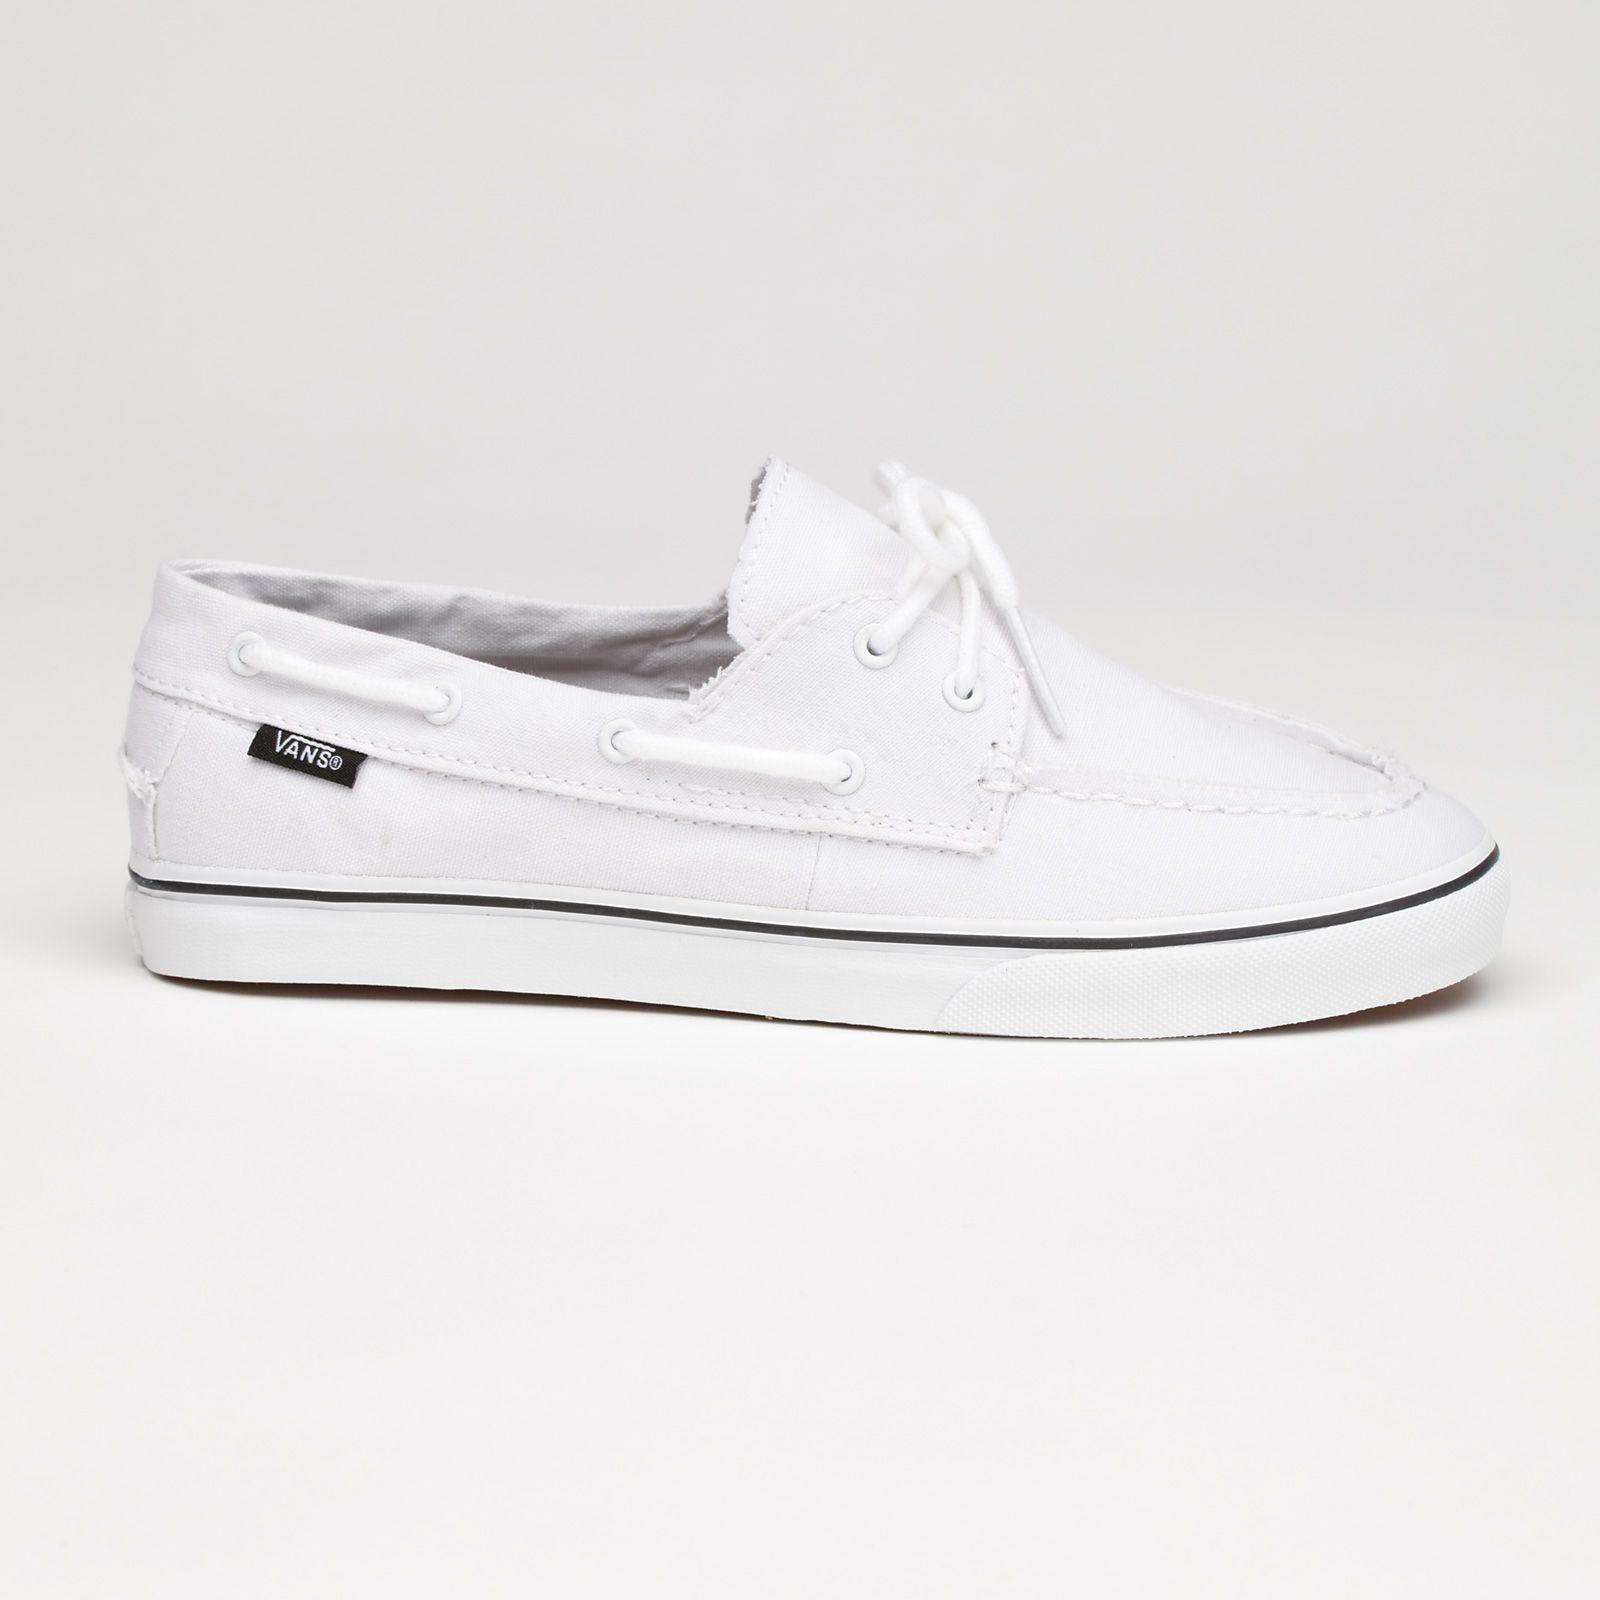 5e35e6ba13 Vans Canvas Zapato Lo Pro in True White  55